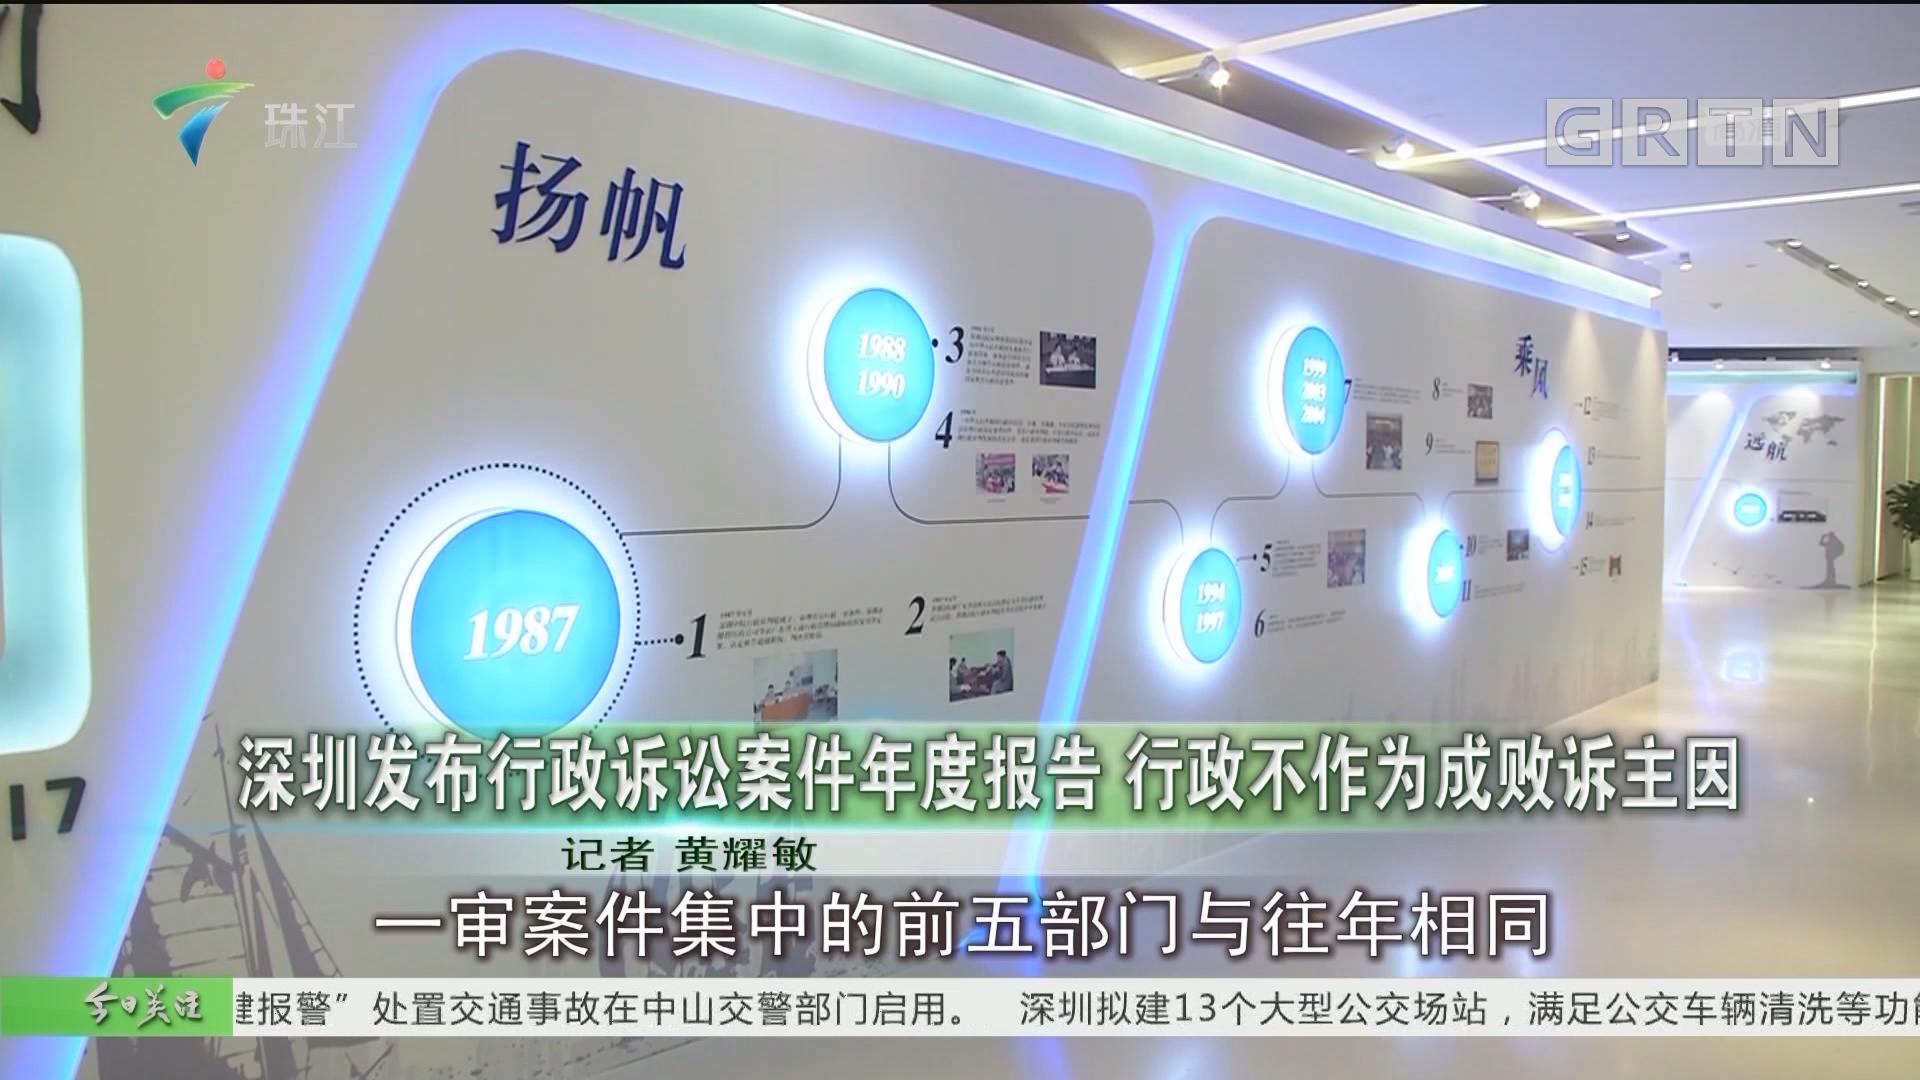 深圳发布行政诉讼案件年度报告 行政不作为成败诉主因